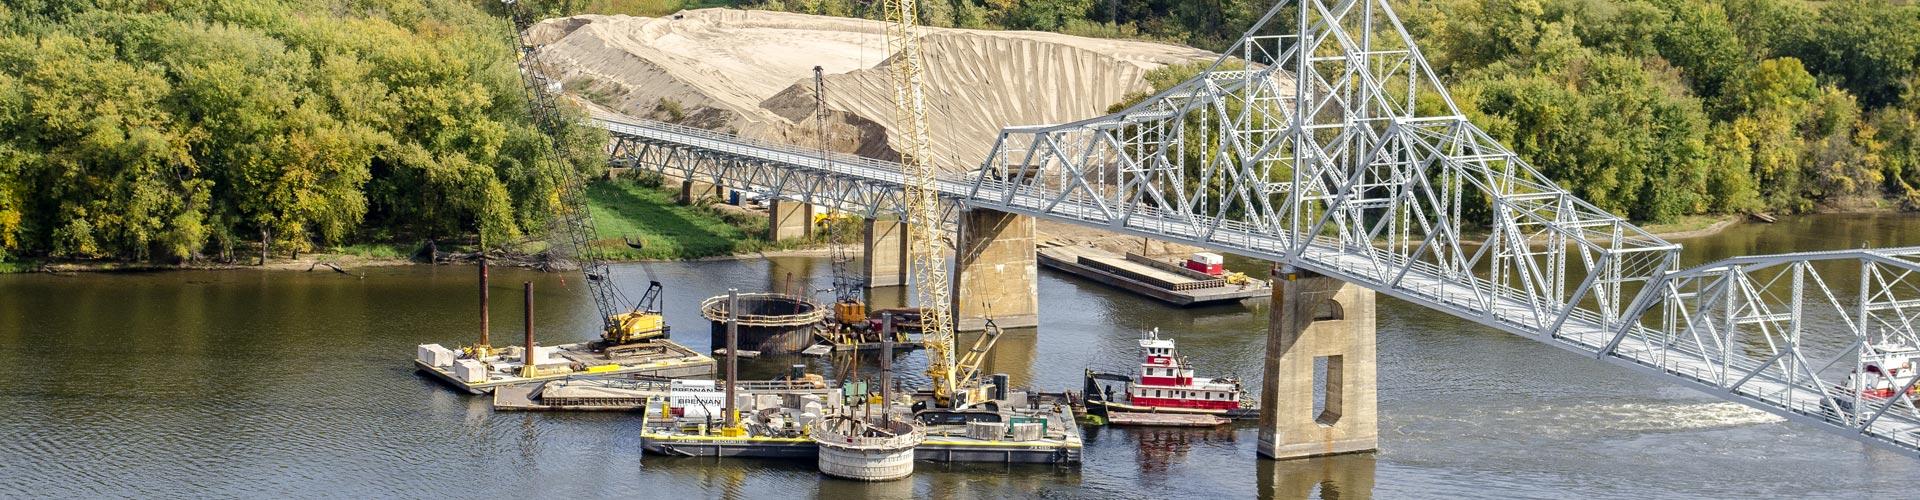 bridge construction, bridge repair, pier repairs, underwater pier repairs, marine construction, marine support, concrete repairs, scour repairs, bridge protection cells